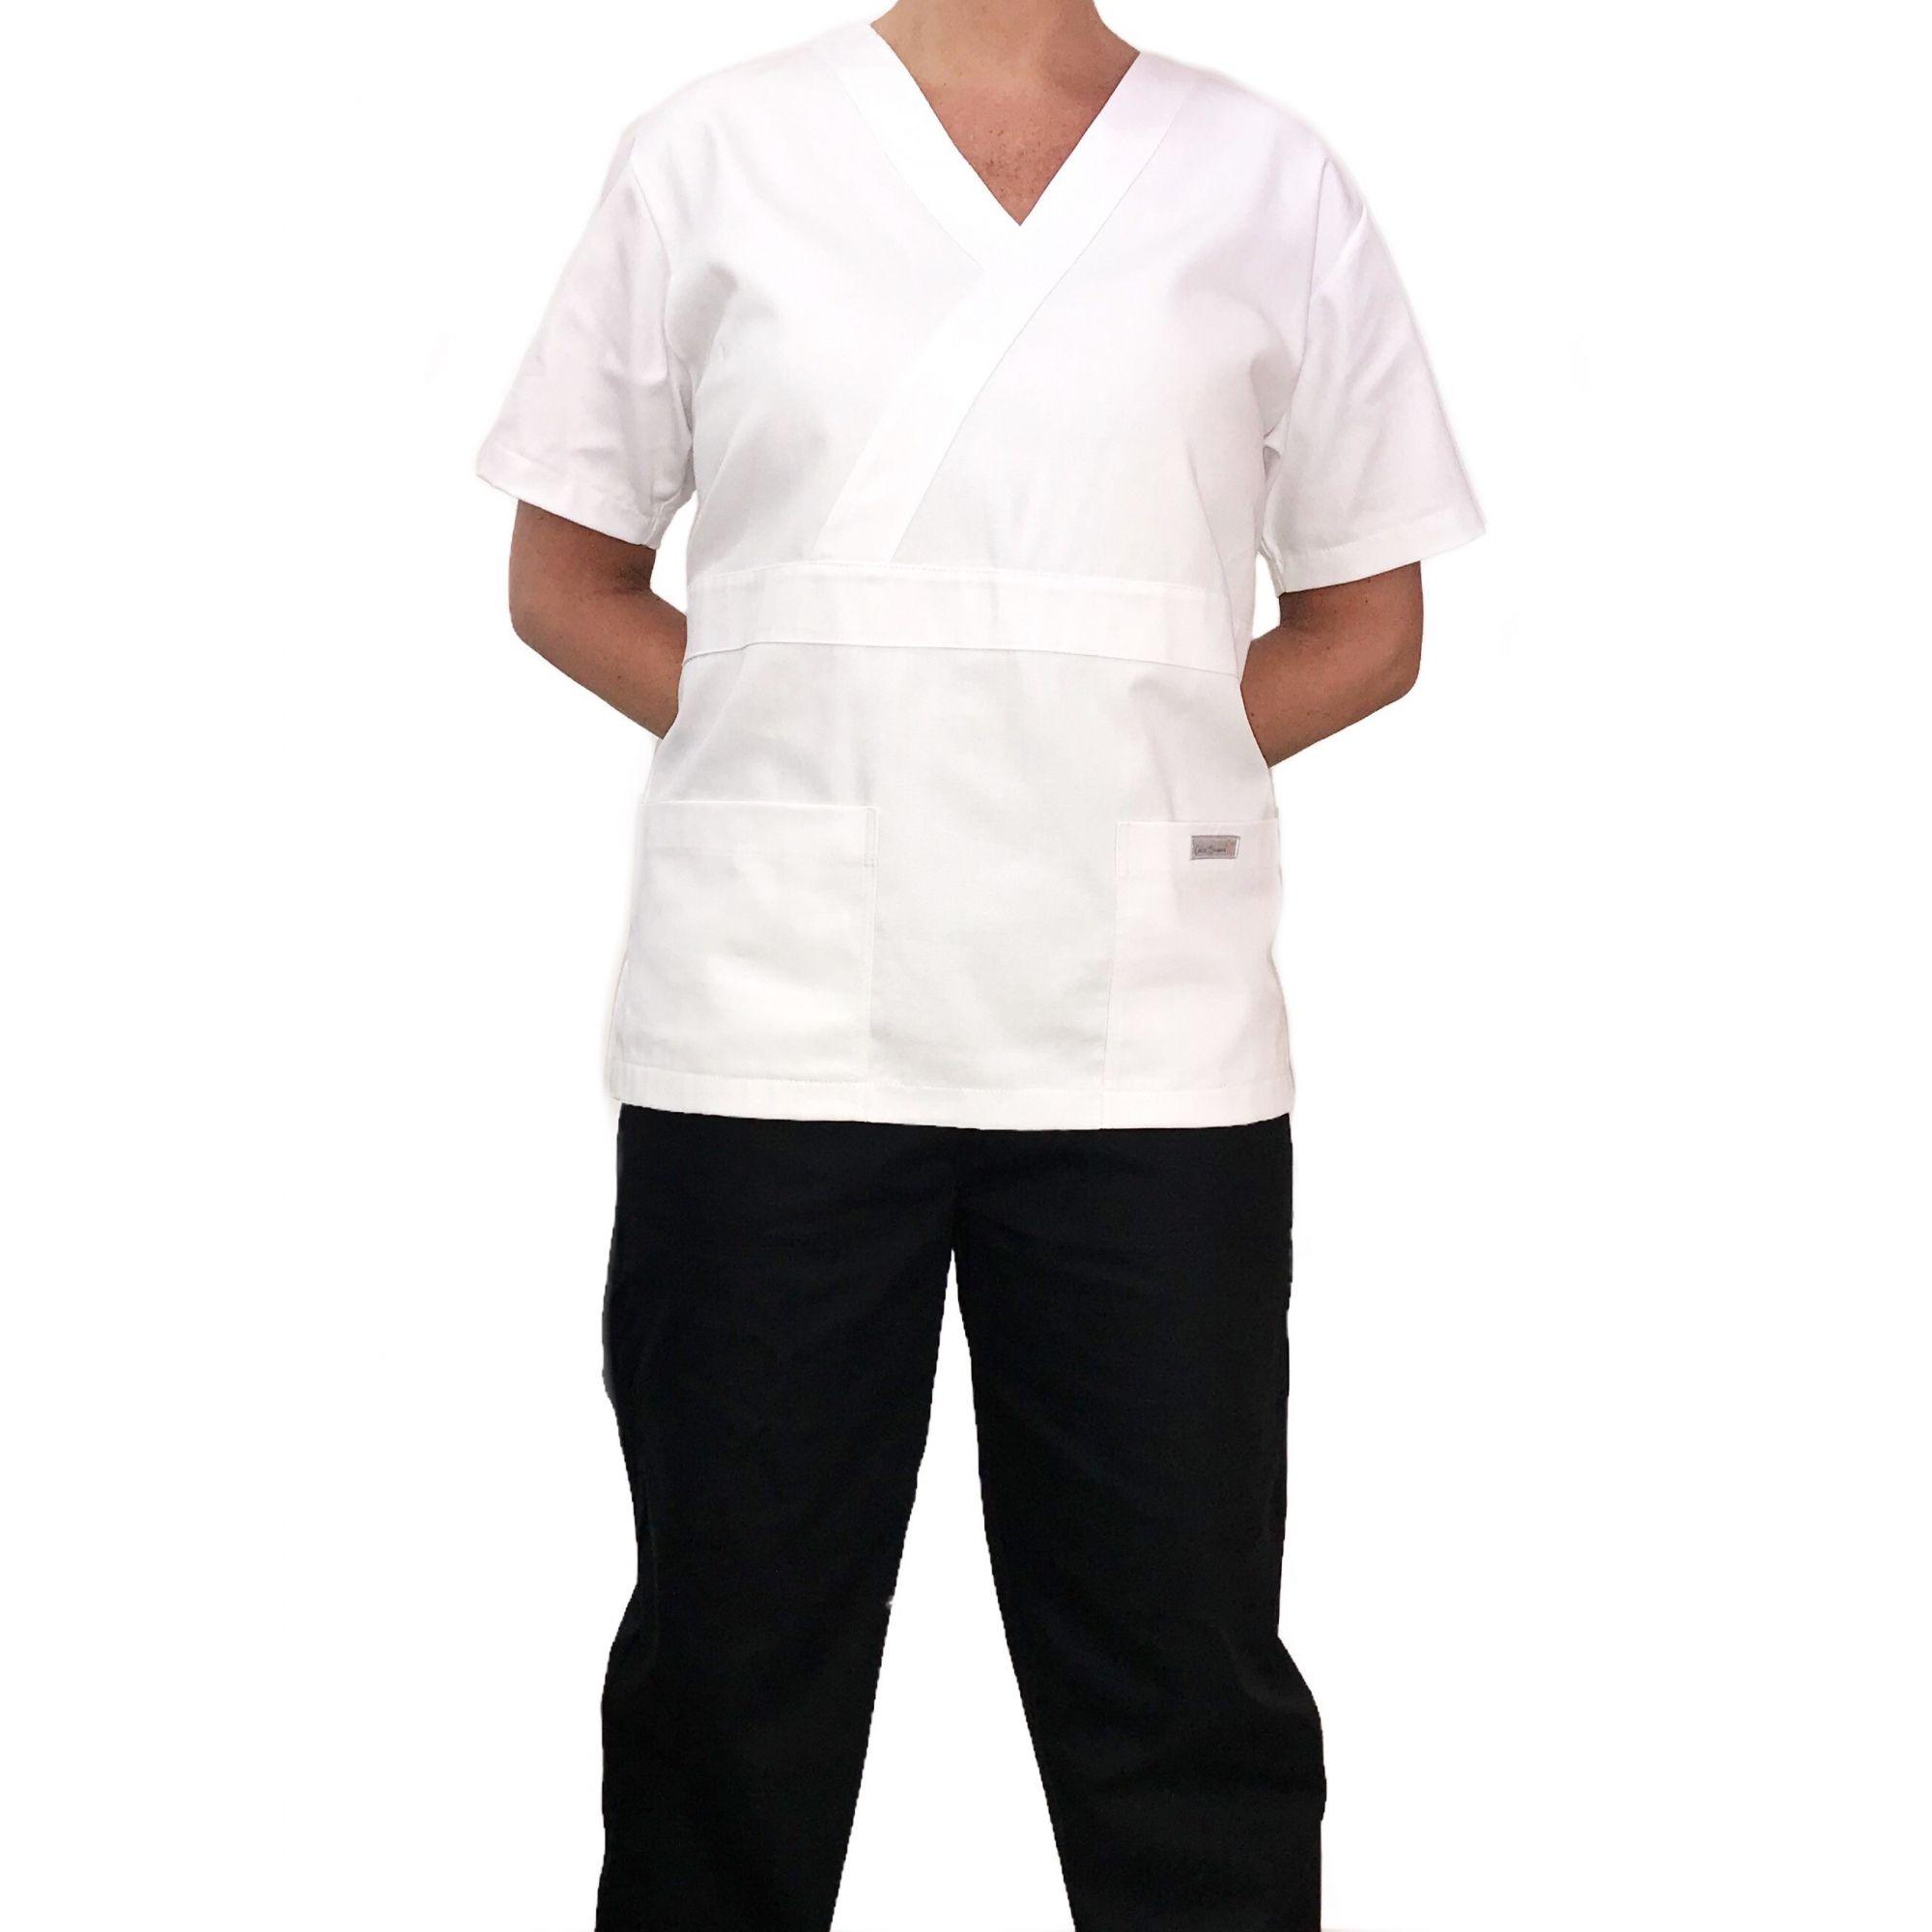 Conjunto Pijama Cirurgico SCRUB MASCULINO  Camisa BRANCA e Calça PRETA  com Cordão Microfibra 100% Poliéster